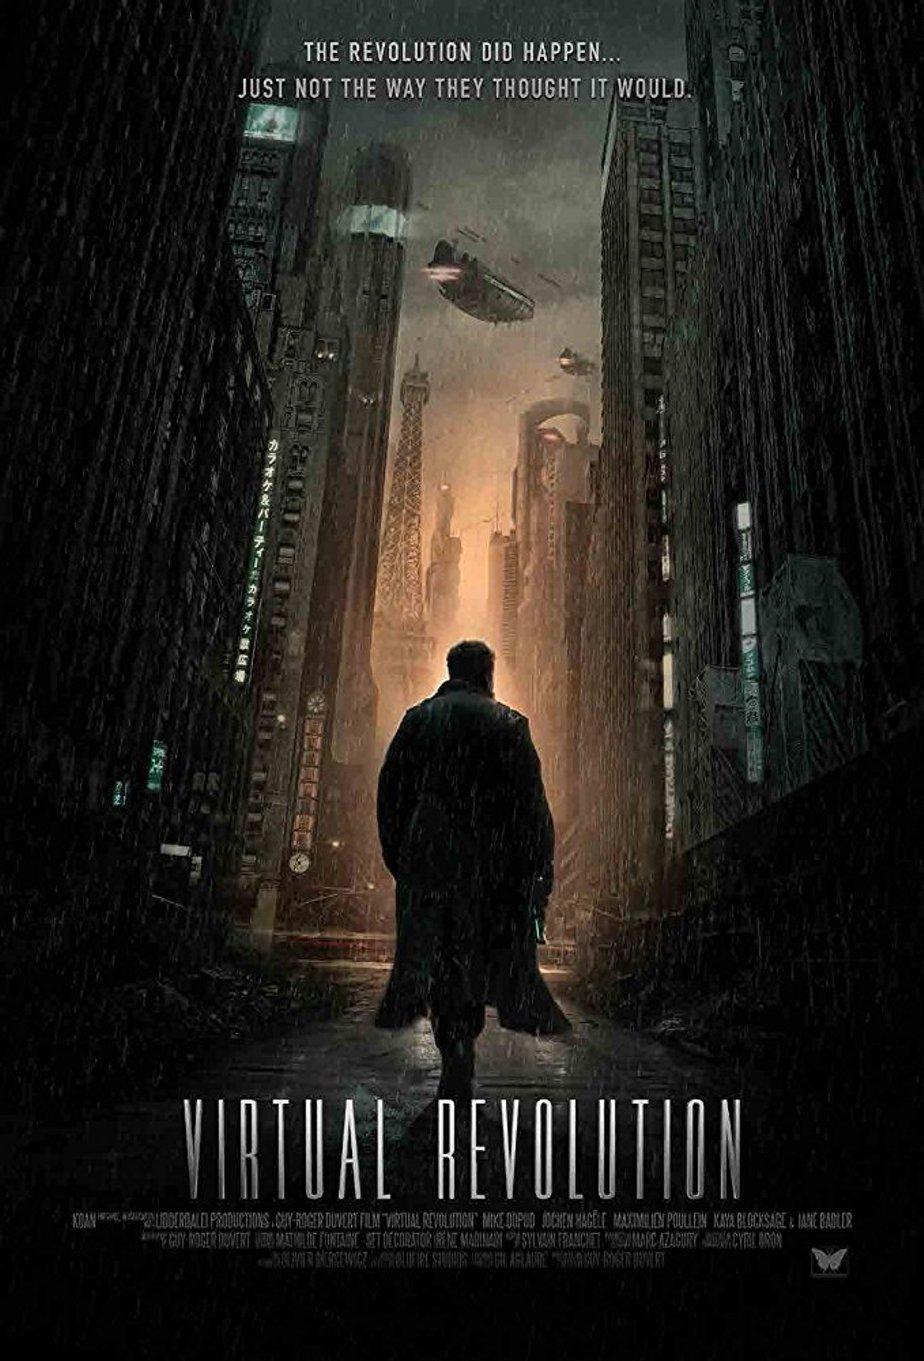 Фильм о революции 2018 года